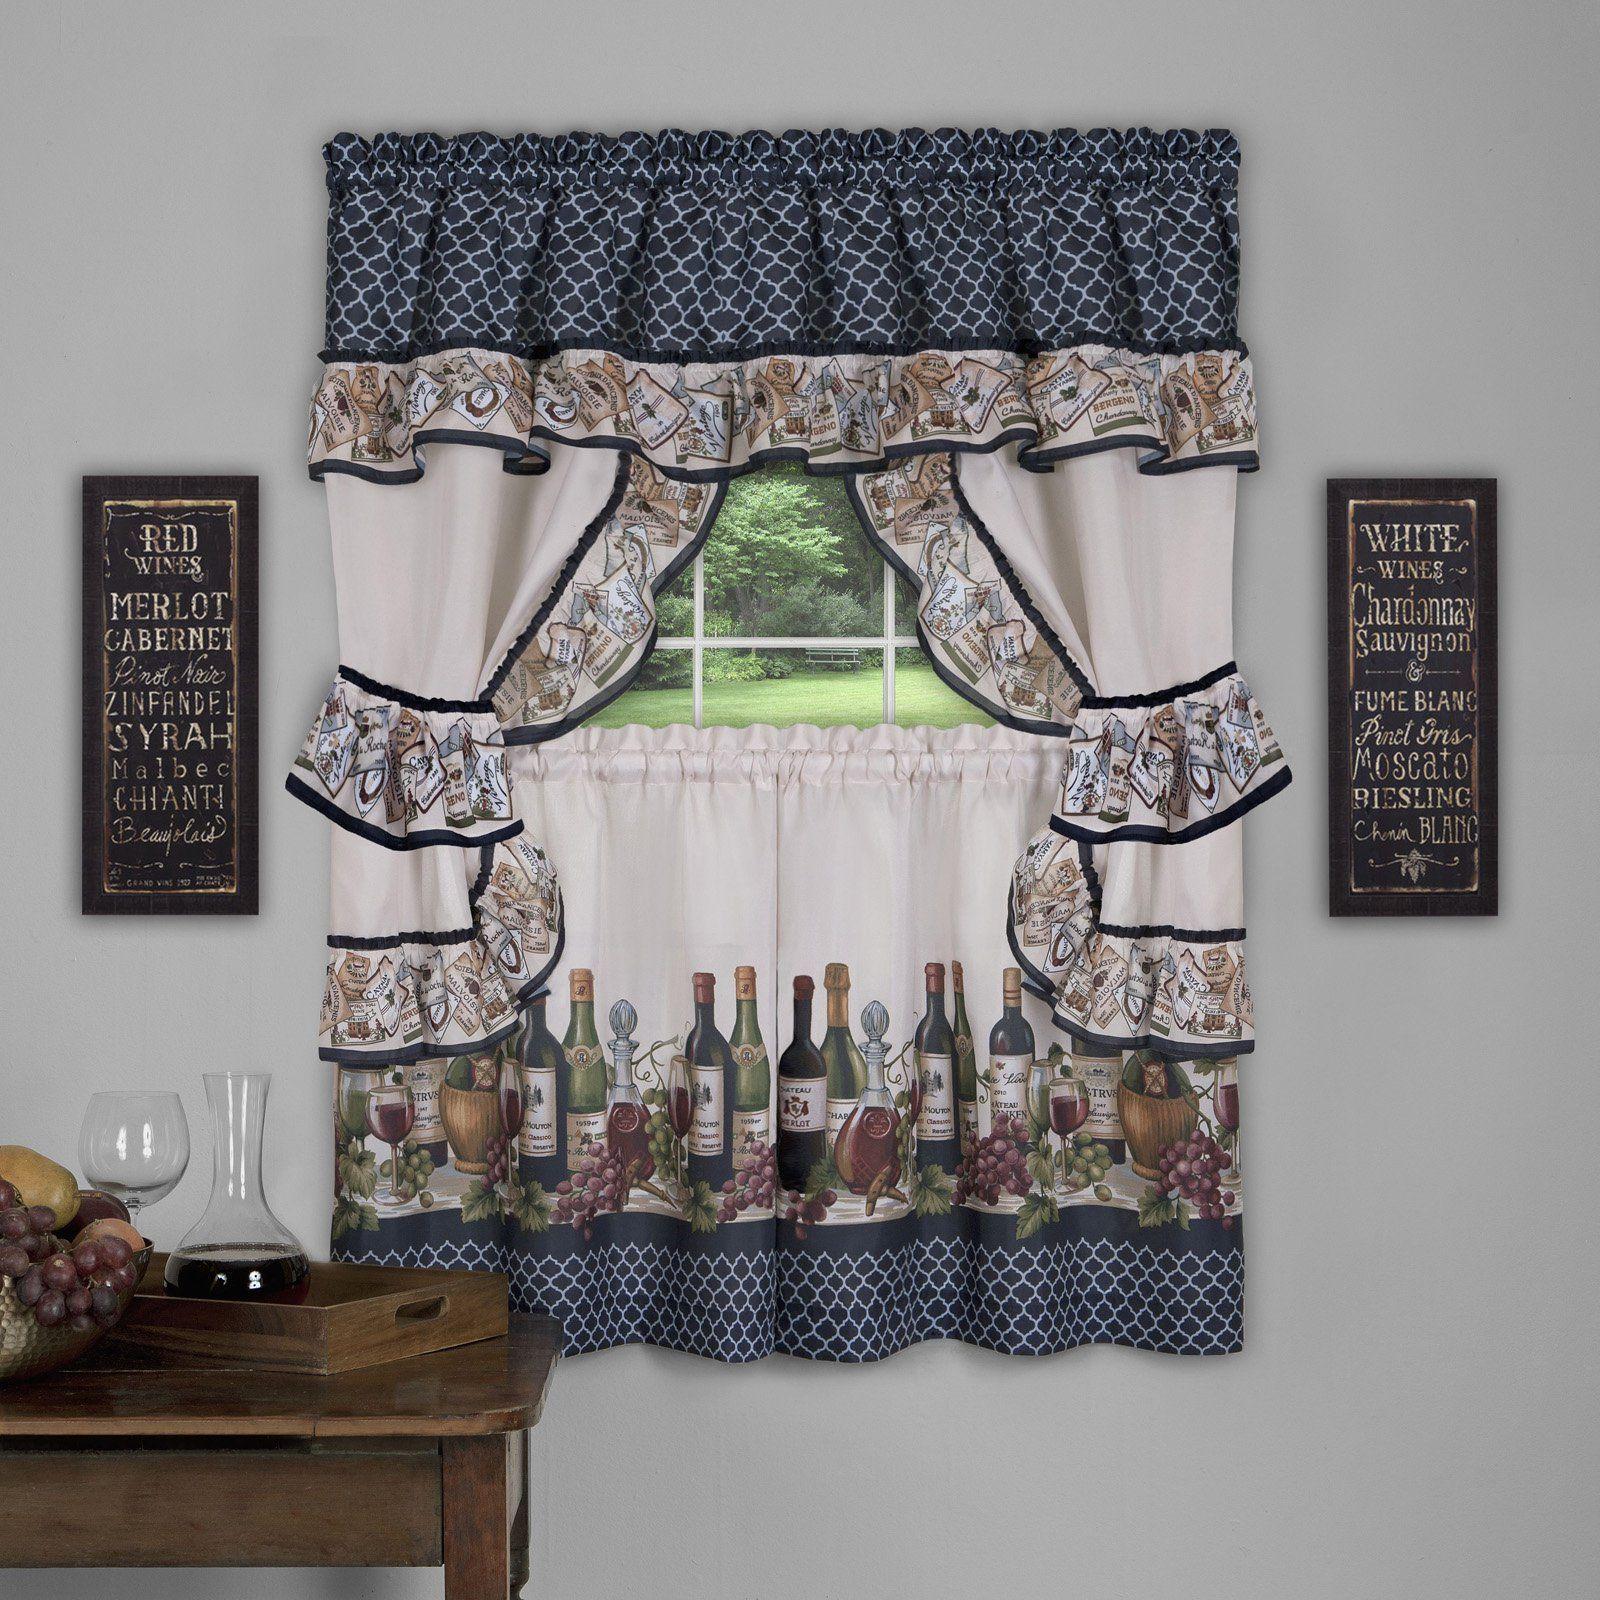 Achim Chateau Cottage Wine Bottles Curtain Set Cottage Curtains Blue Window Curtains Kitchen Window Curtains